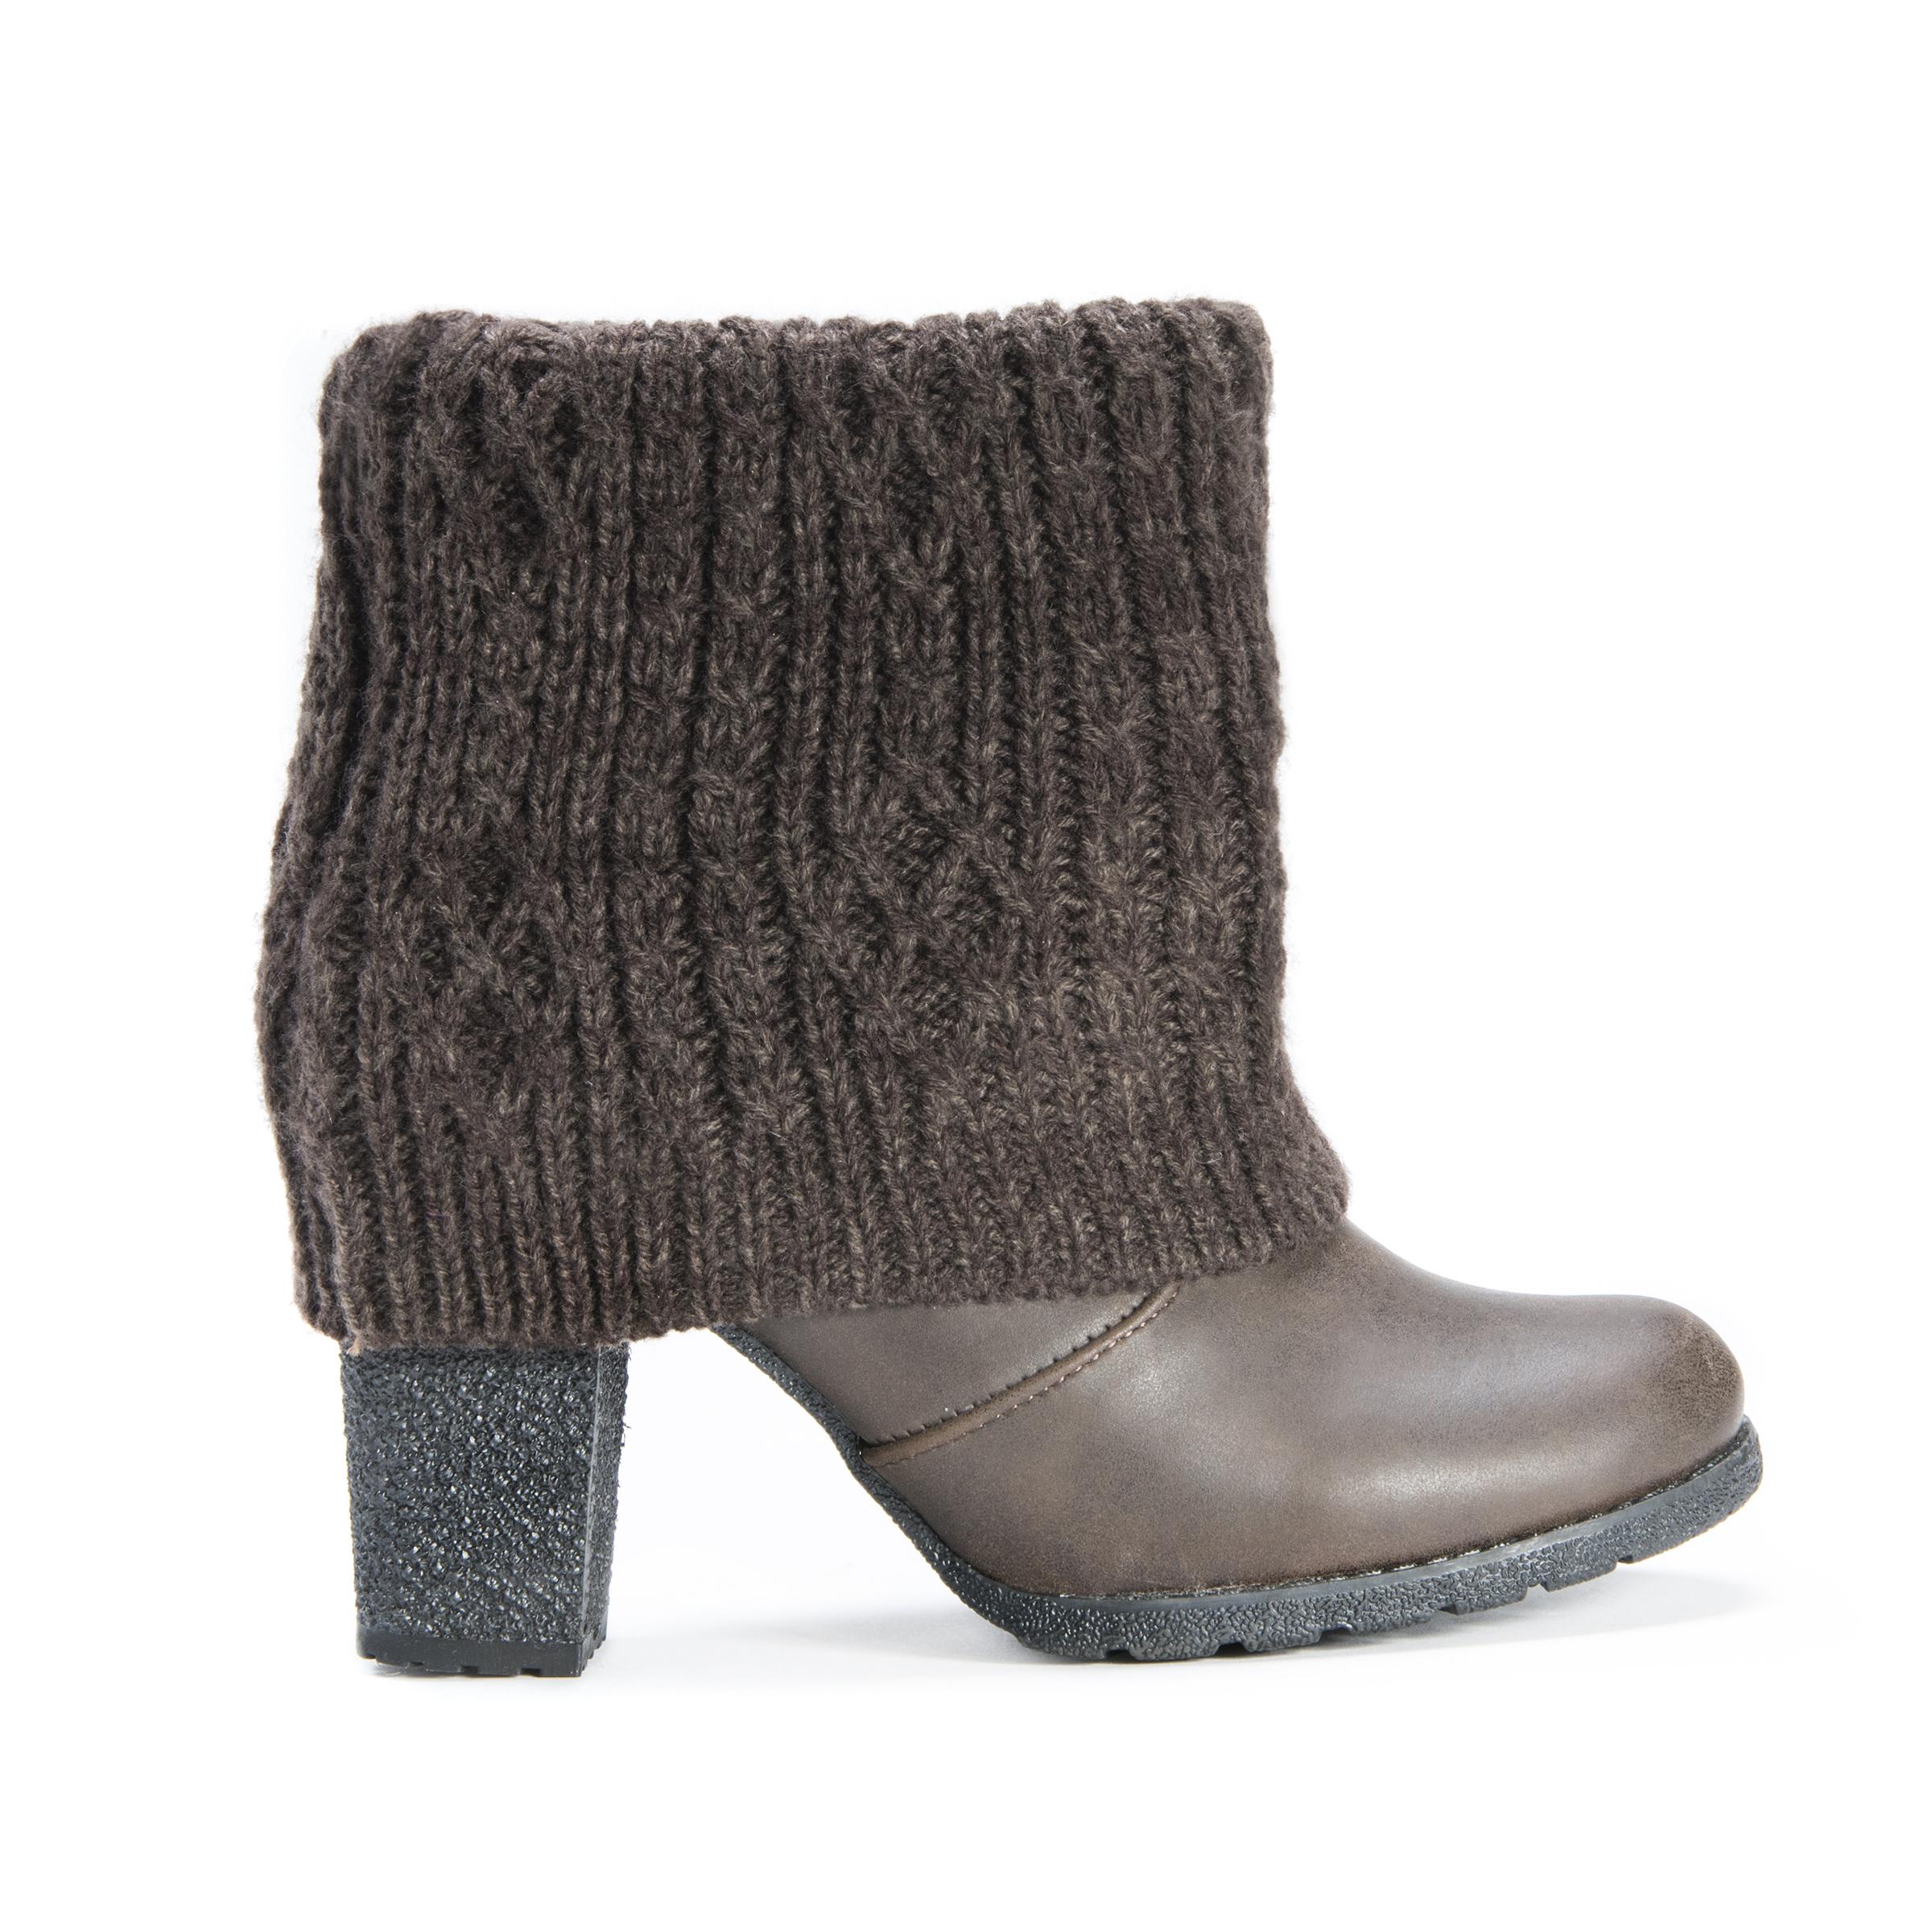 Home>Women>Shoes>Boots>MUK LUKS® Women's Chris Boots – Dark Brown